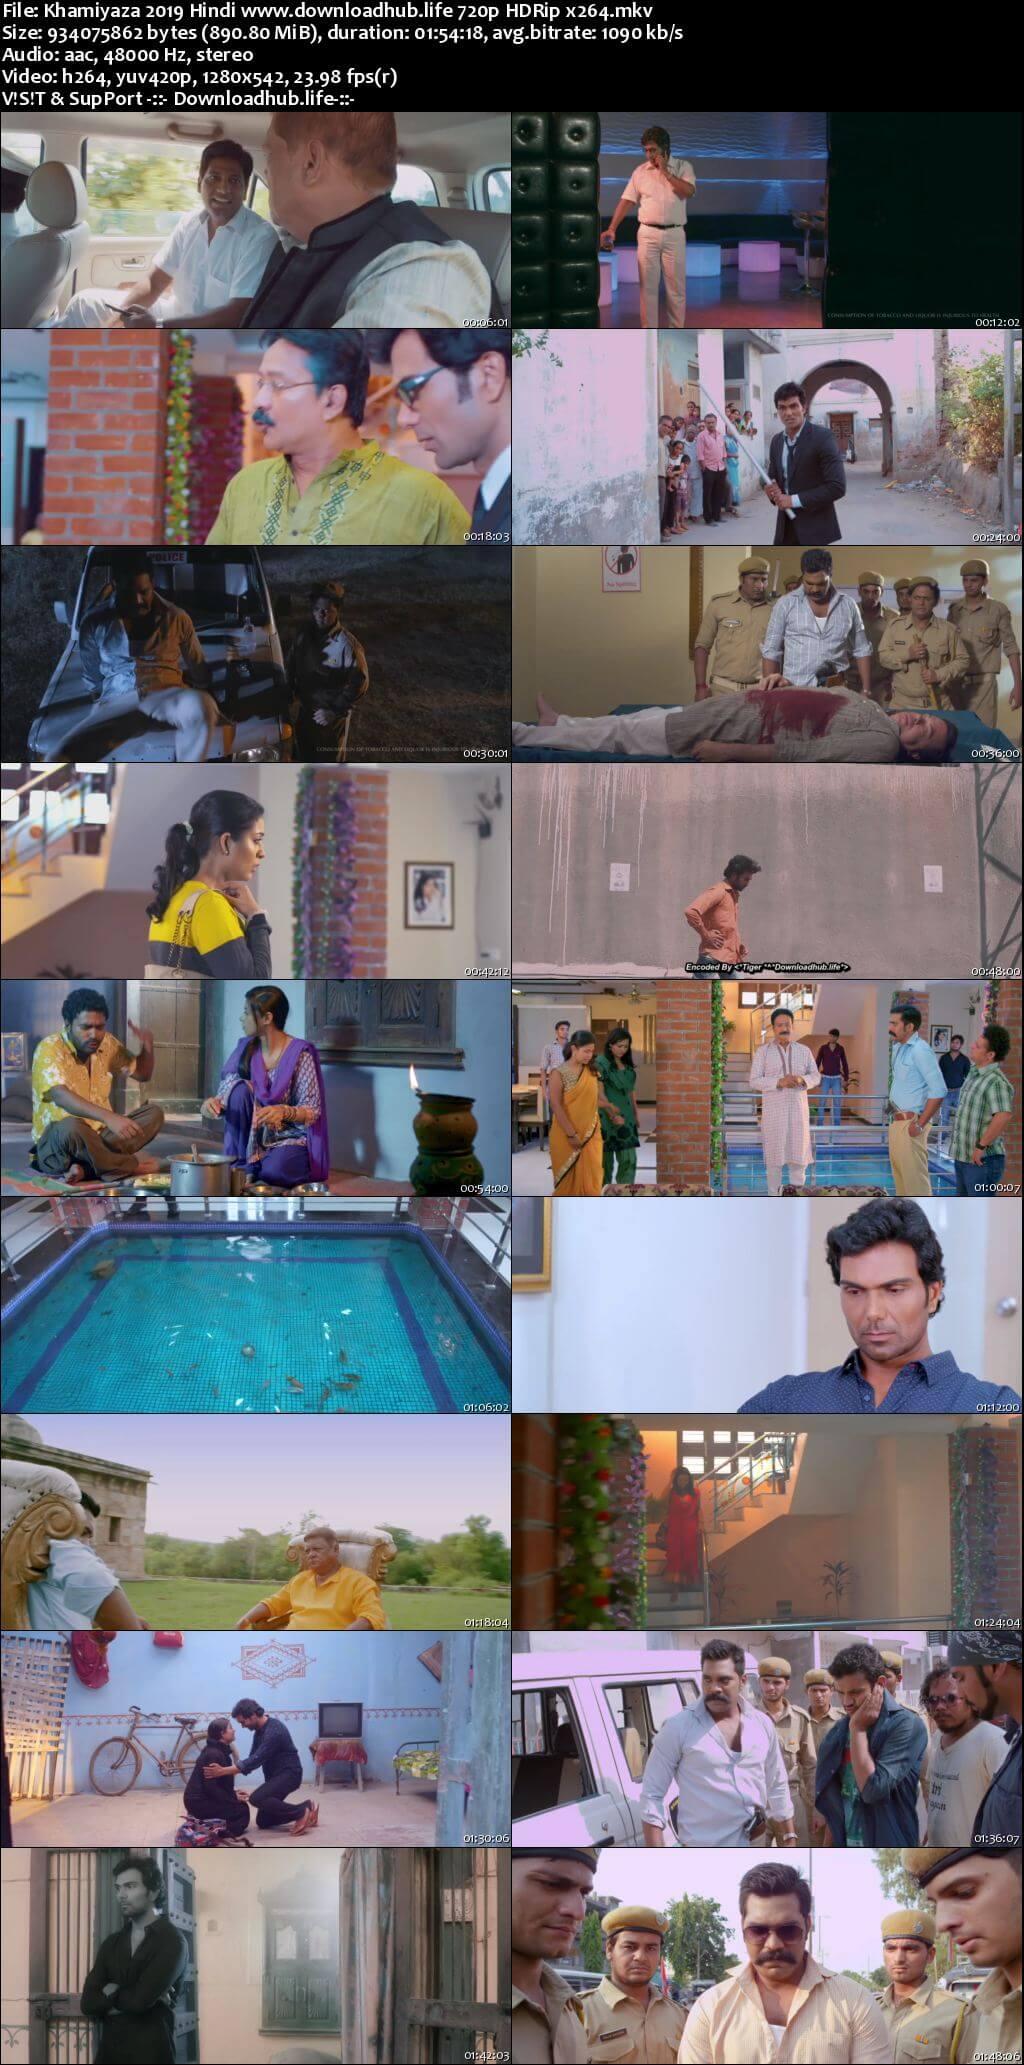 Khamiyaza 2019 Hindi 720p HDRip x264